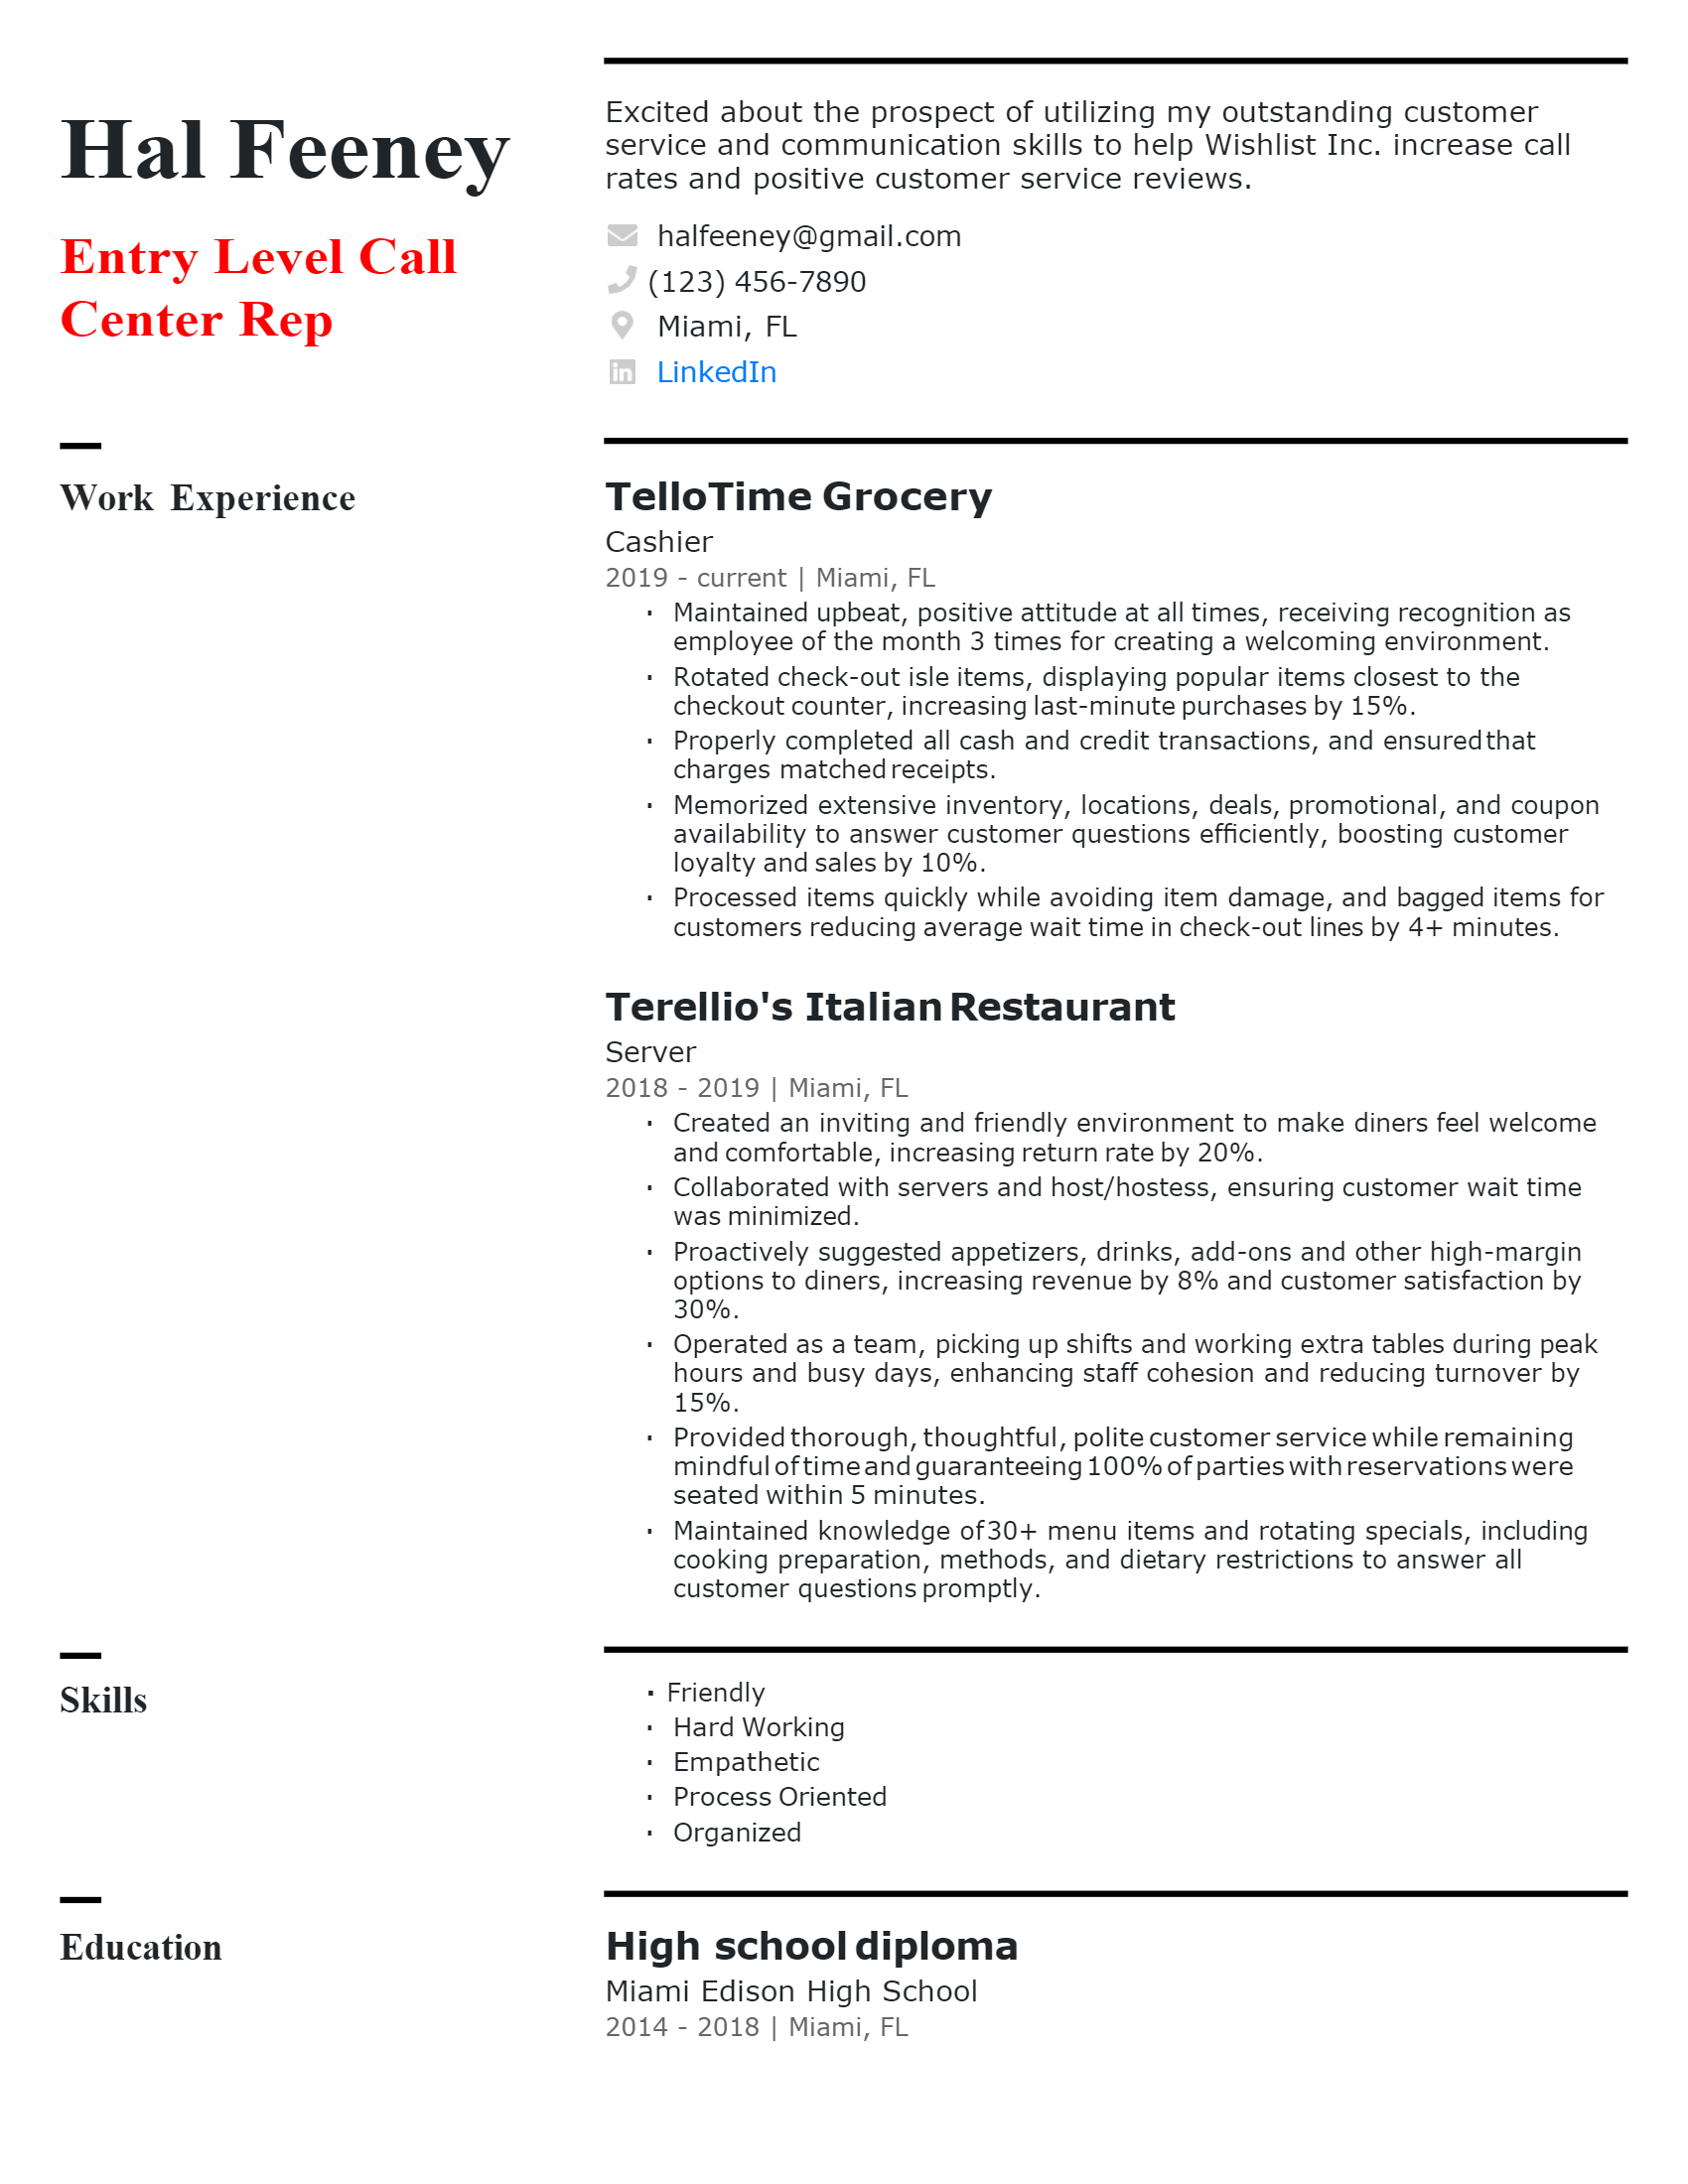 Entry-level Call Center Representative Resume